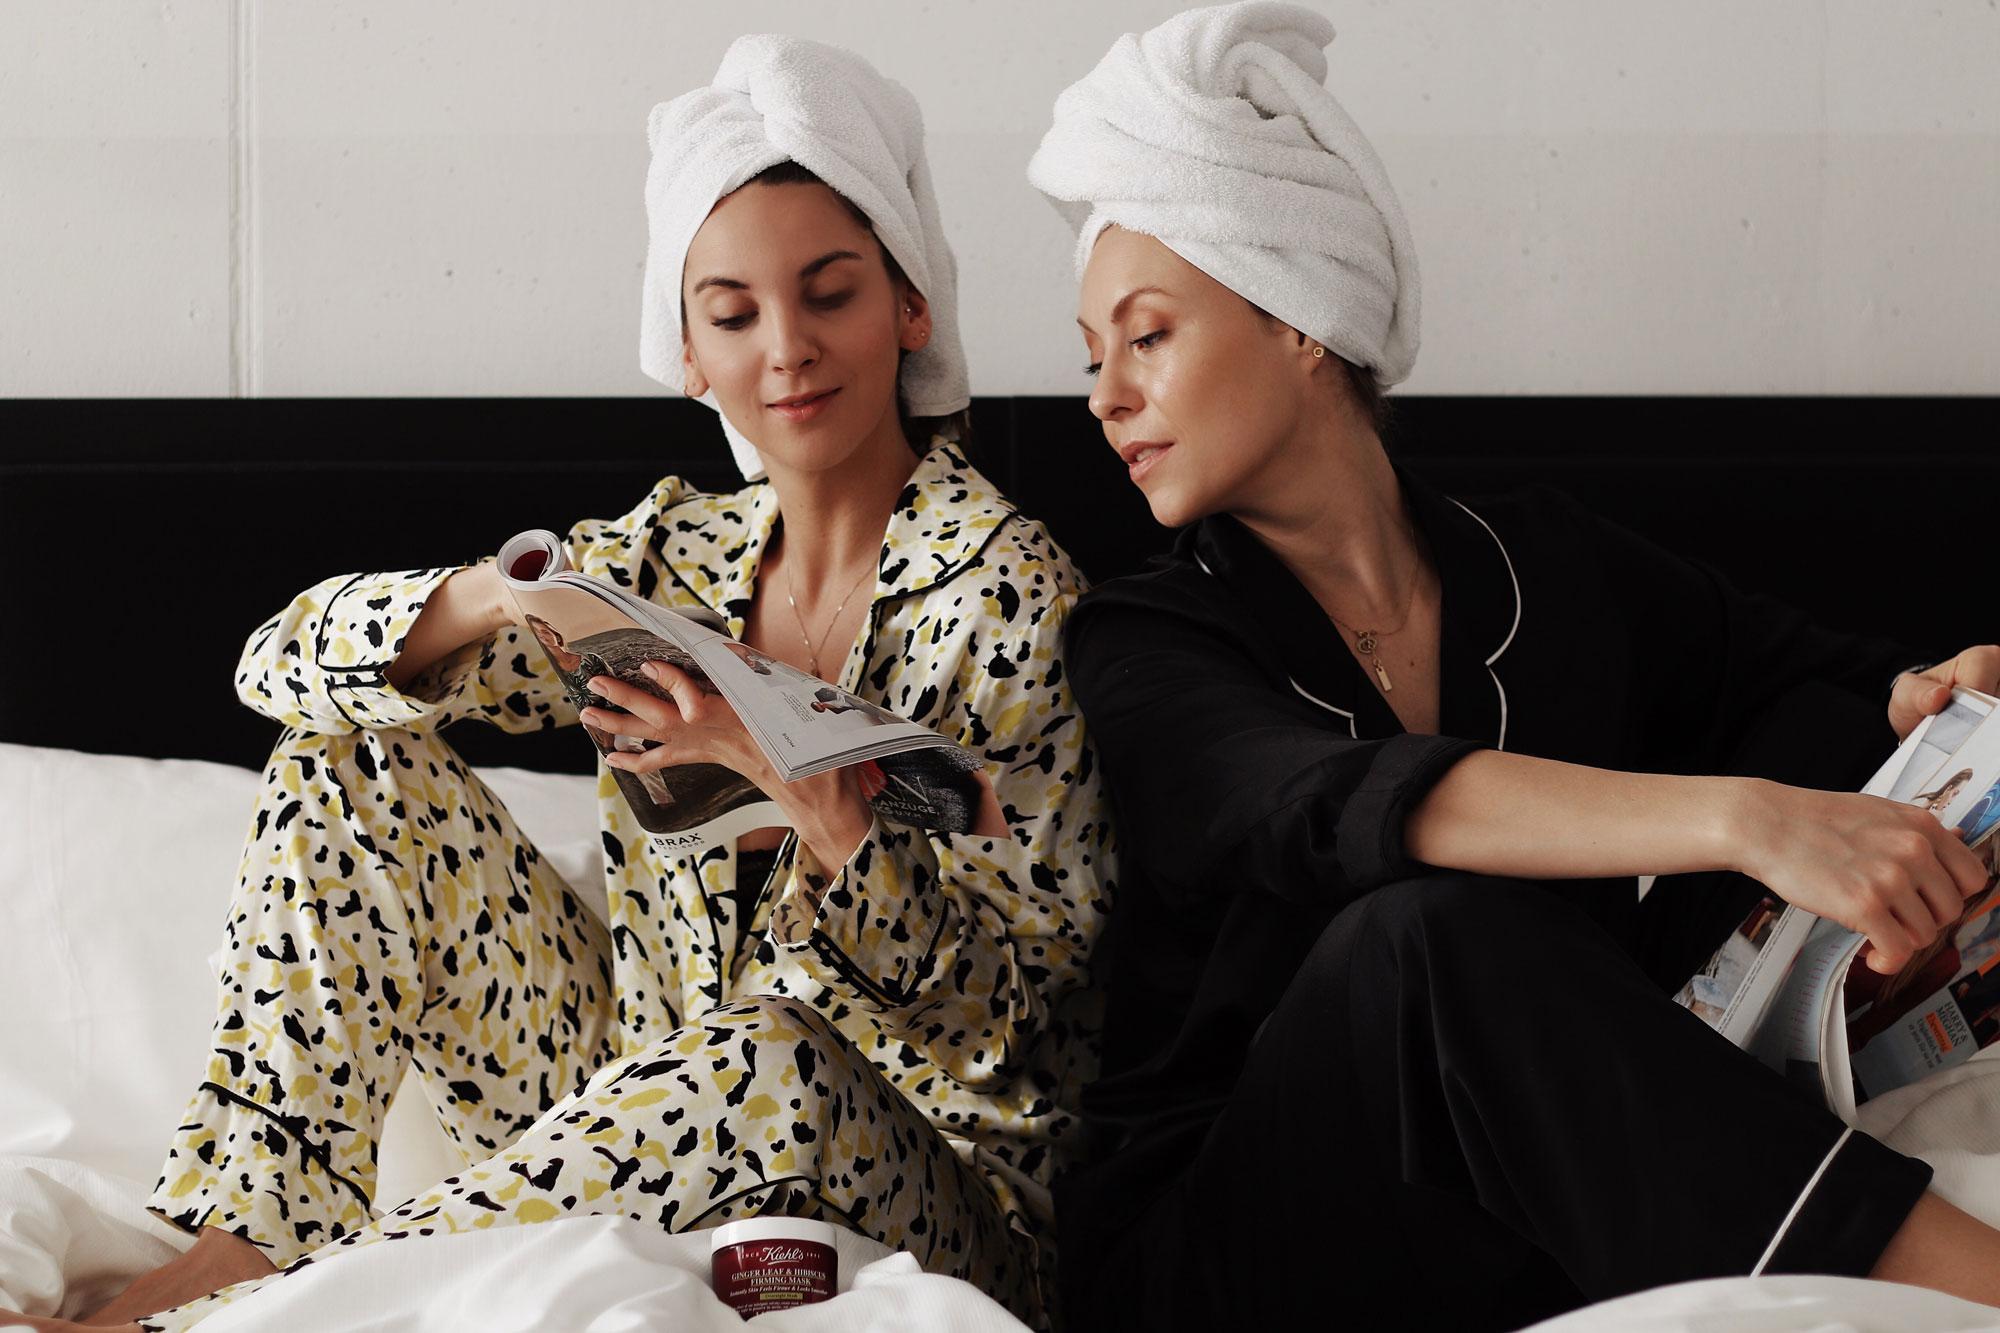 Die neuesten Gesichtsmasken - www.lesfactoryfemmes.com